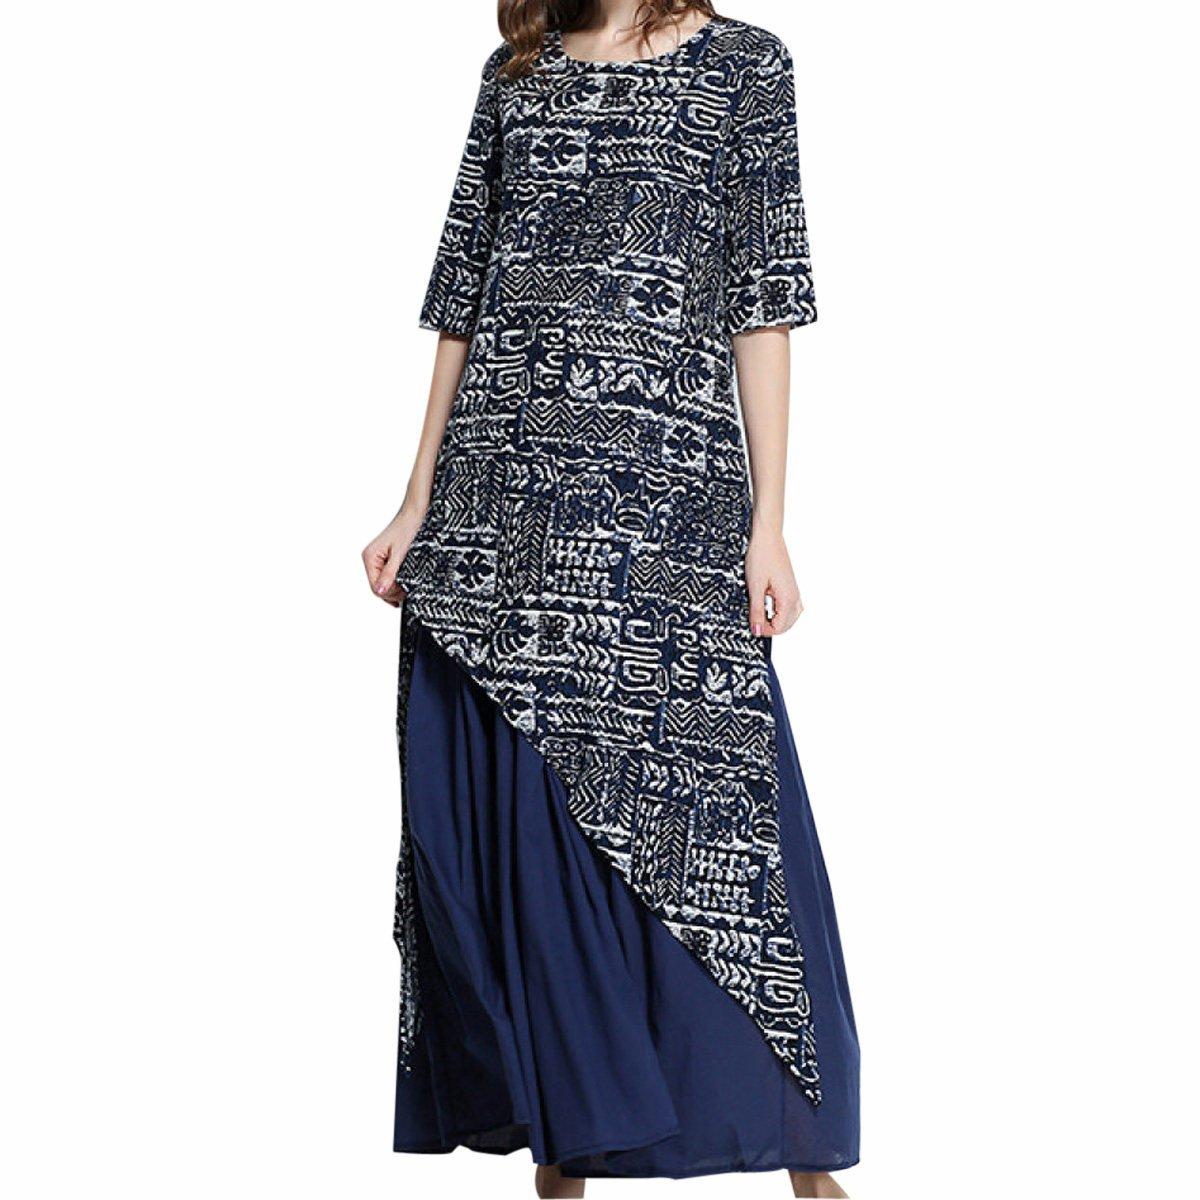 bluee In Summer Large Size Retro Folk Style Dress,blueeXL